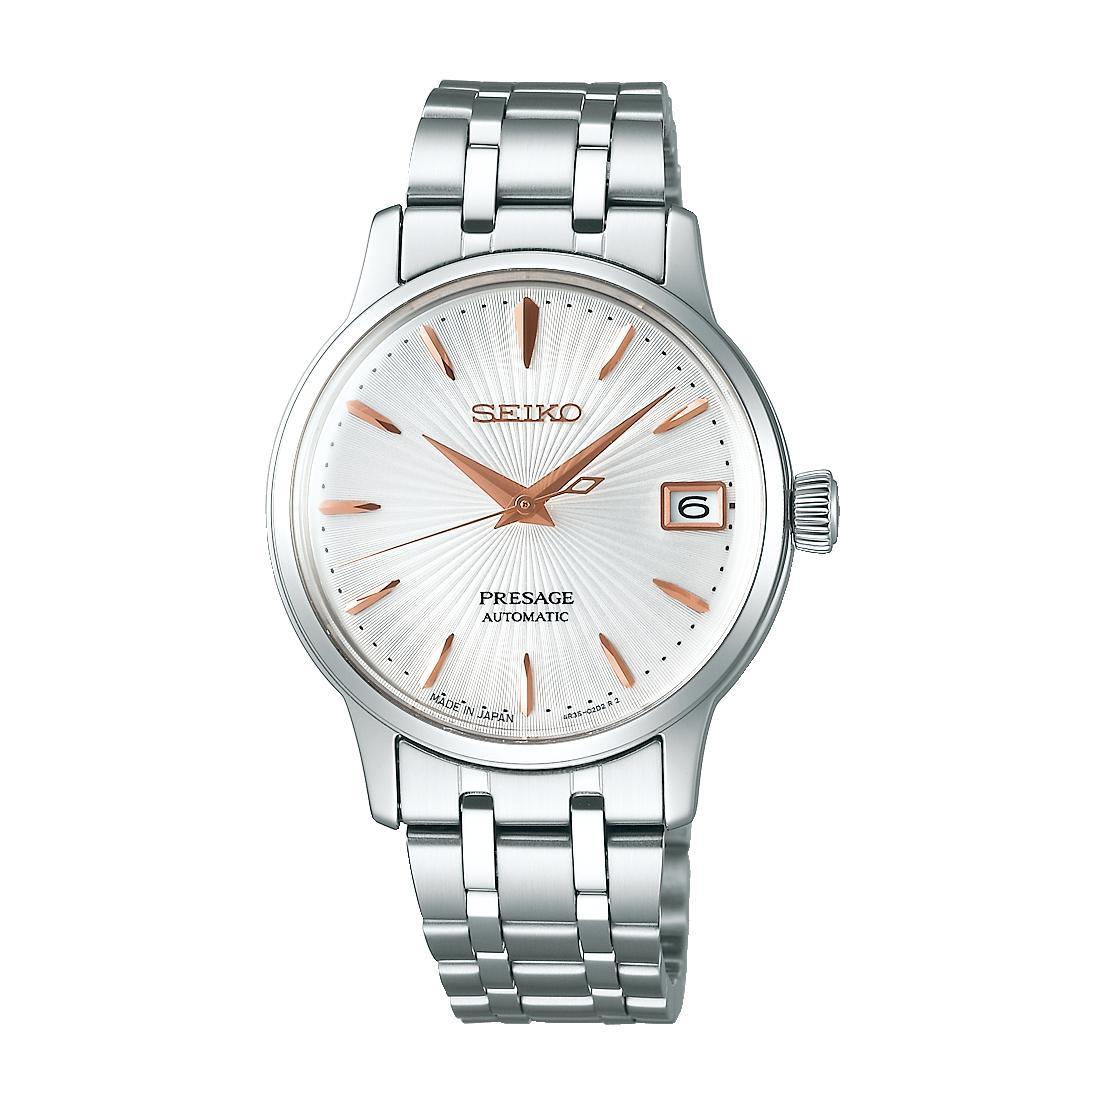 レディース 腕時計 送料無料 お得セット 新品 正規品 SEIKO 返品交換不可 プレザージュ セイコー 機械式 SRRY025 PRESAGE